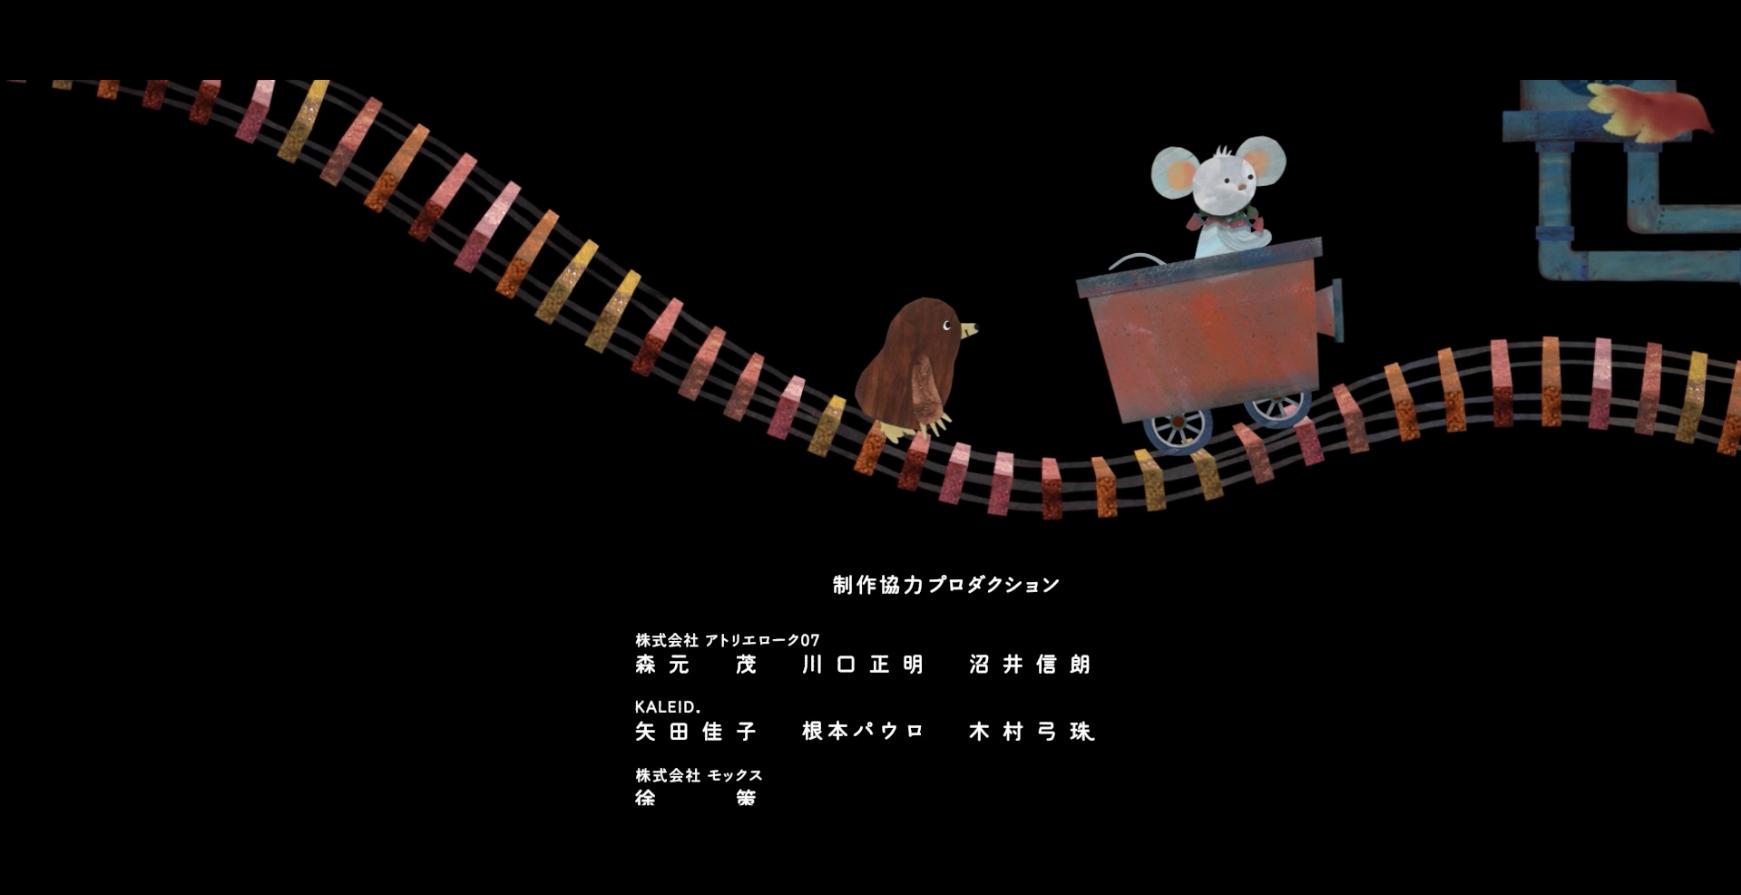 映画『GAMBA ガンバと仲間たち』 のエンドロールの背景画